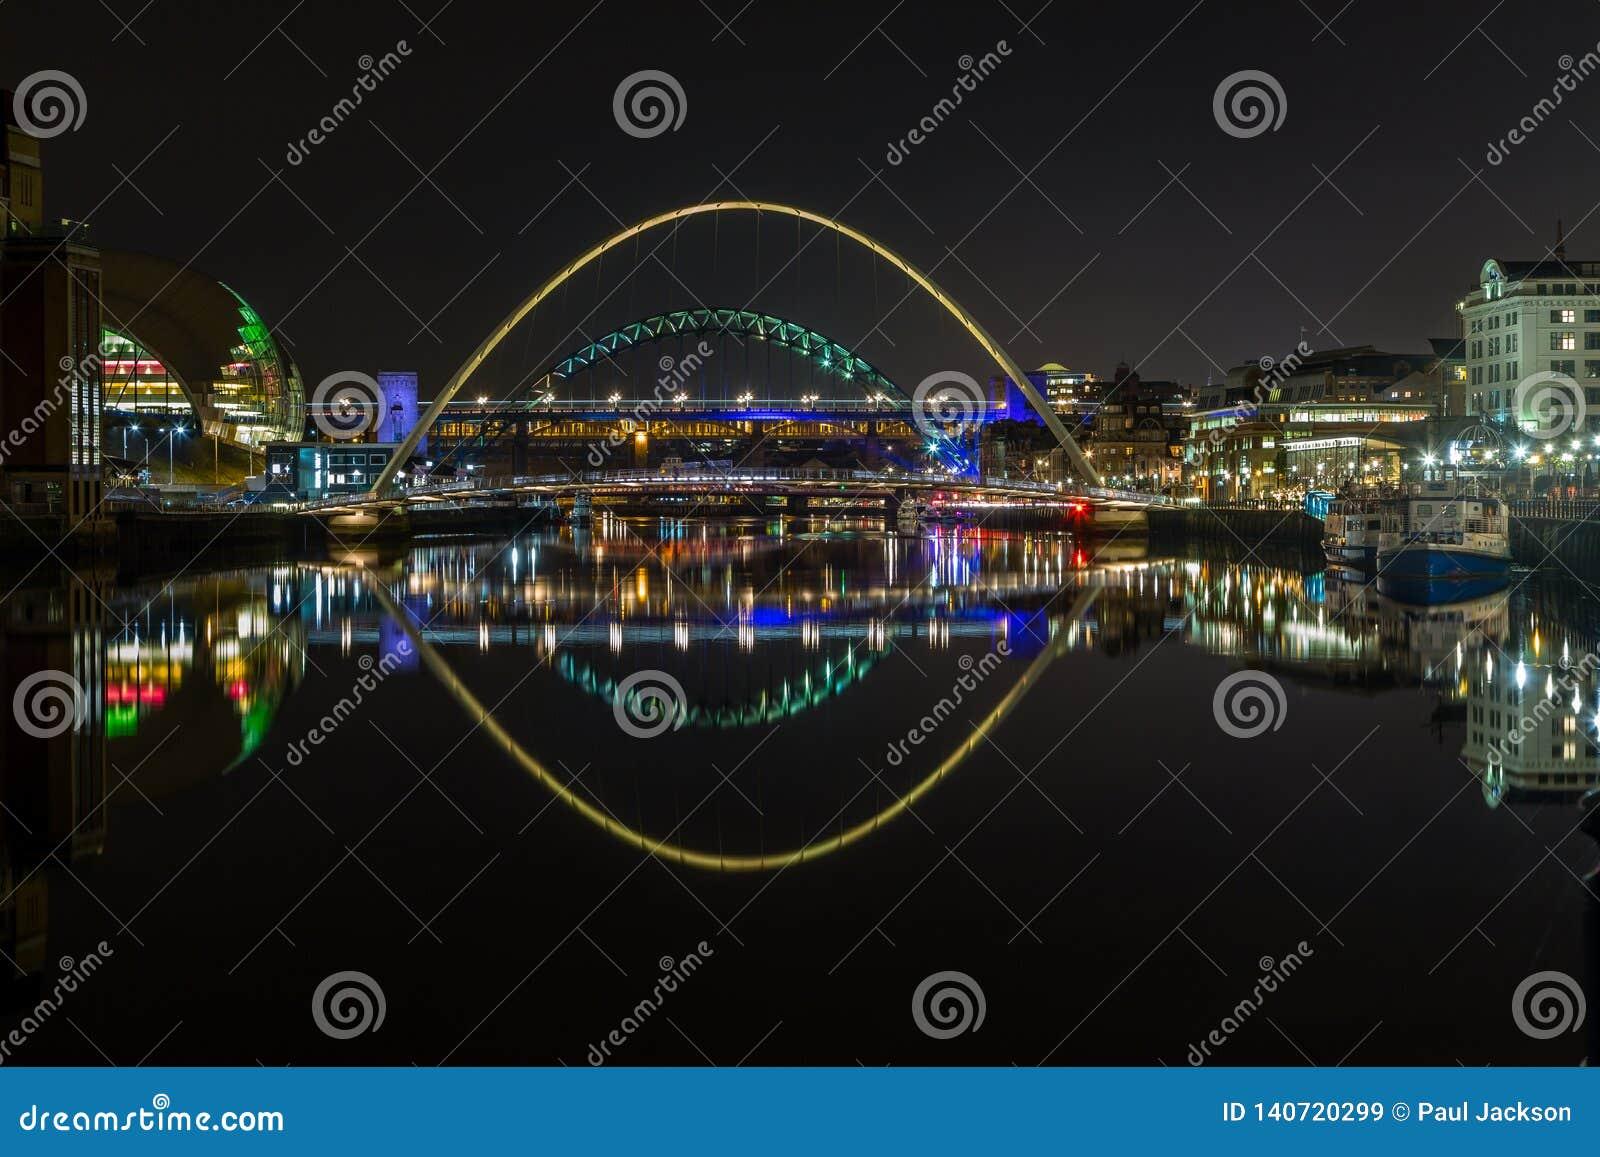 De verlichte bruggen van Rivier de Tyne, Newcastle, bij nacht